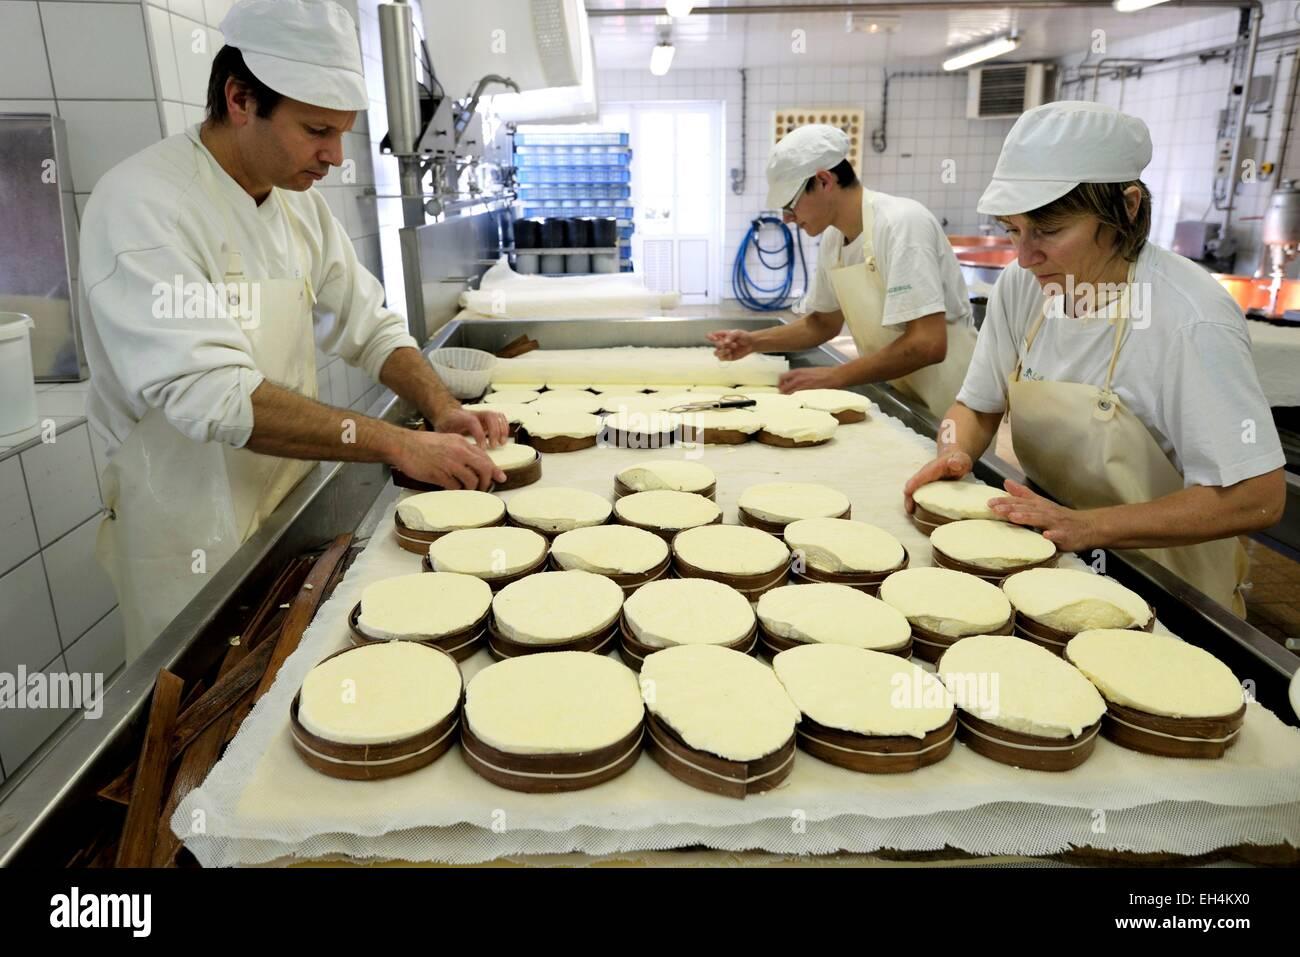 Francia, Doubs, Saint Point Lac, Michelin caseificio, formaggio Mont d o, dopo la scomposizione e il taglio della Immagini Stock